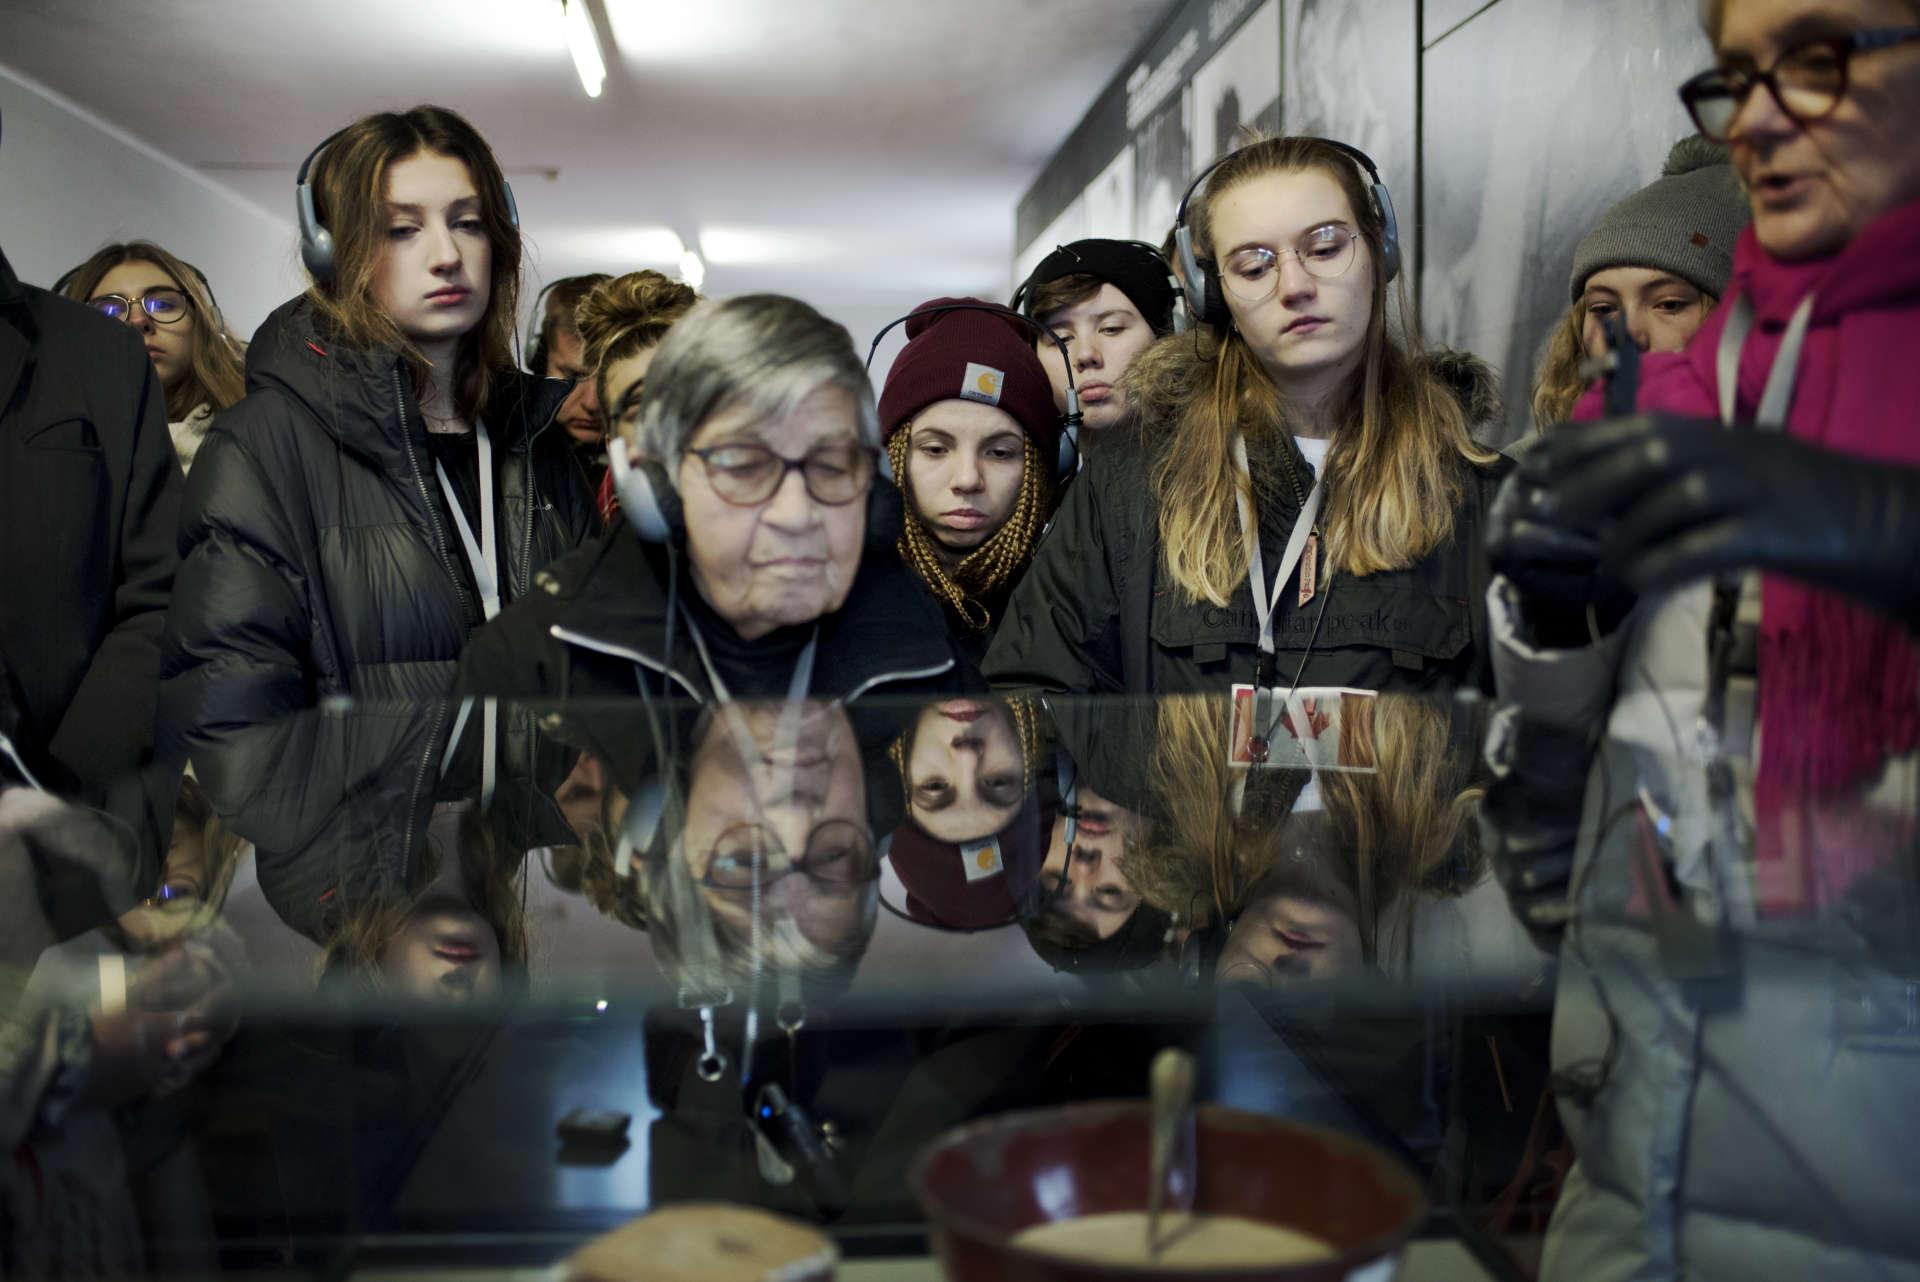 Les élèves et Ginette Kolinka regardent les écuelles dans lesquelles les déportés mangeaient, à Auschwitz. Les rations étaient calculées par les nazis pour une survie entre un et six mois.